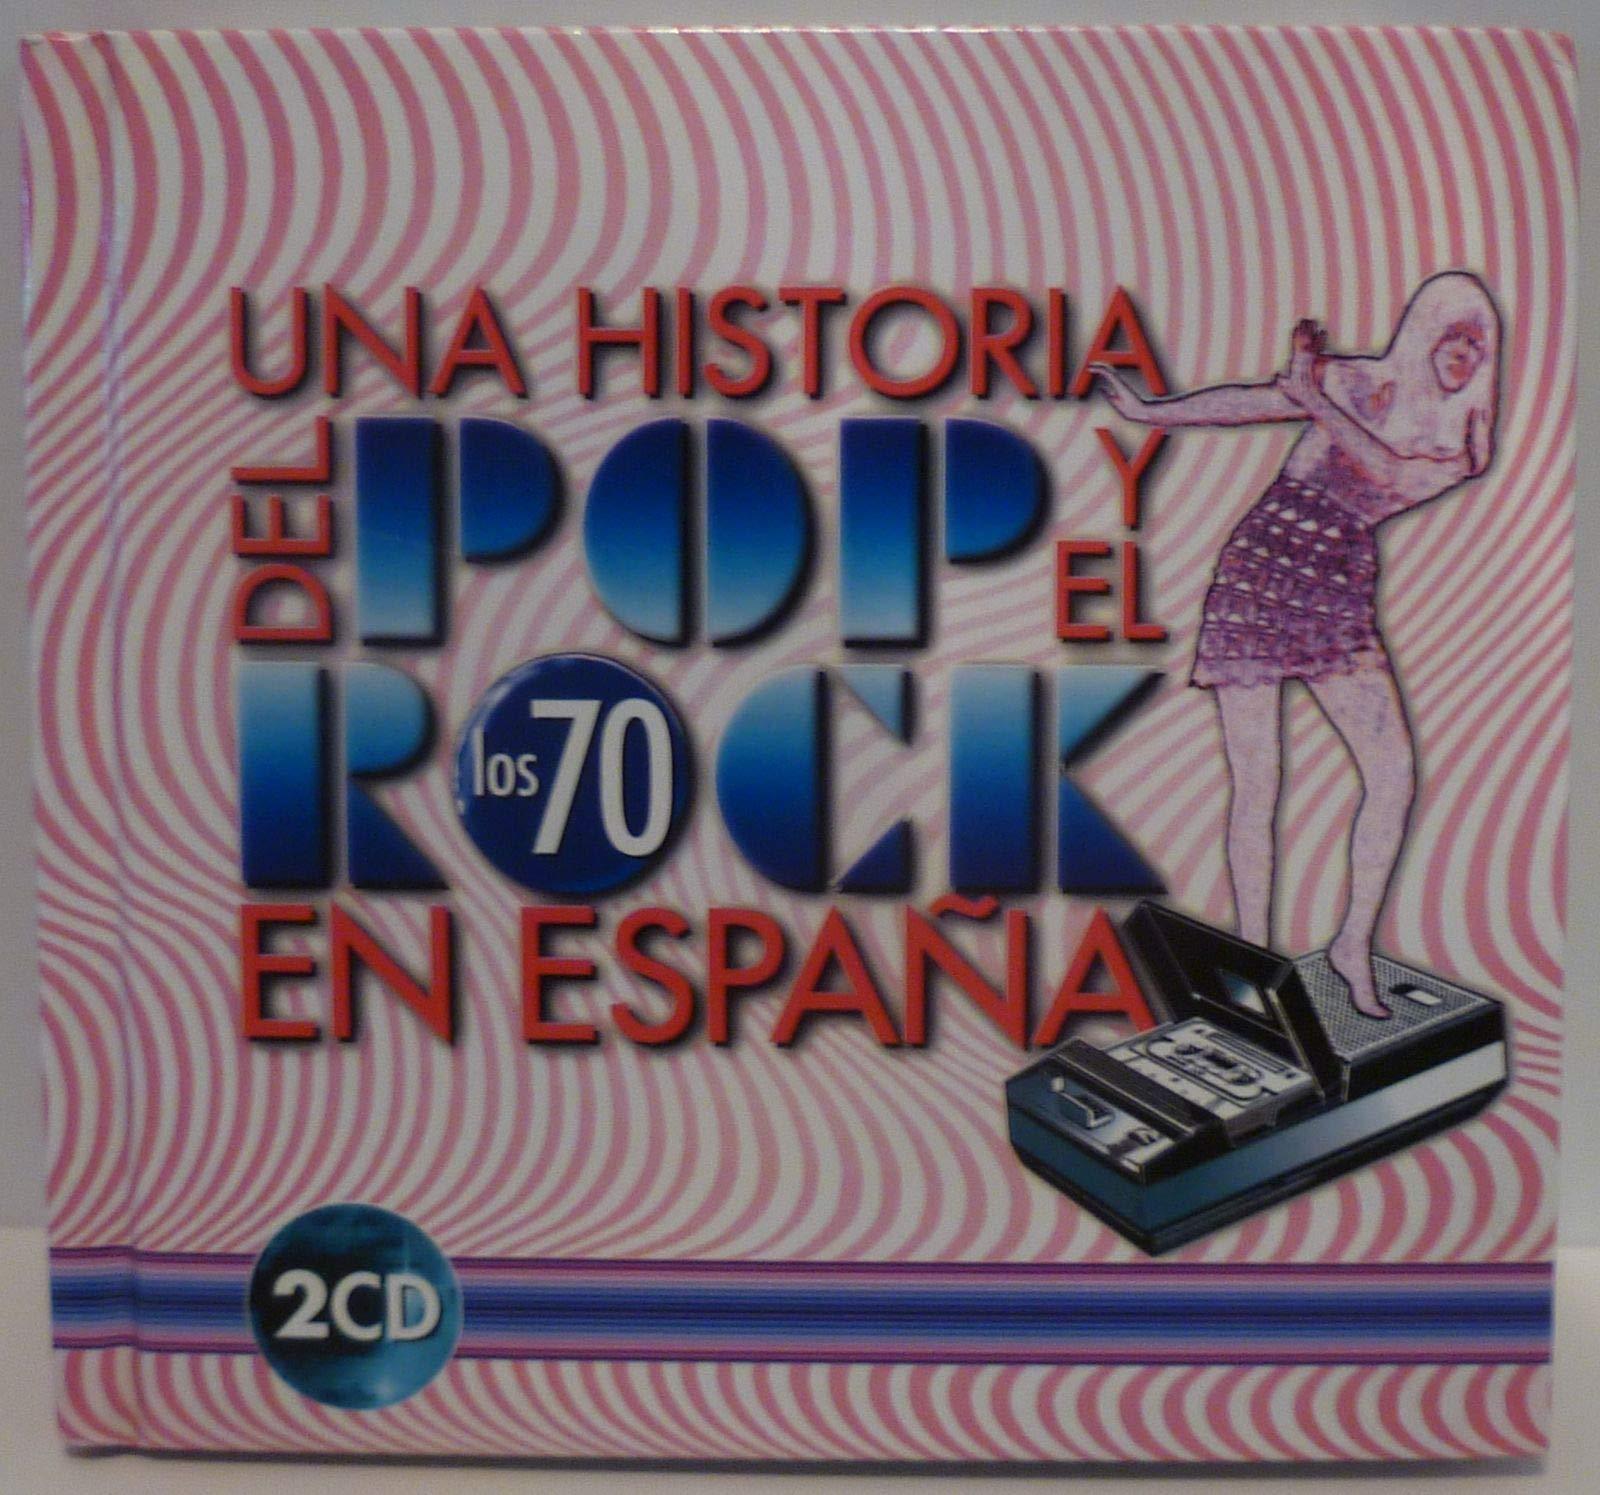 Una historia del pop y el rock en España: los 70: Amazon.es: Iñigo, Pardo: Libros